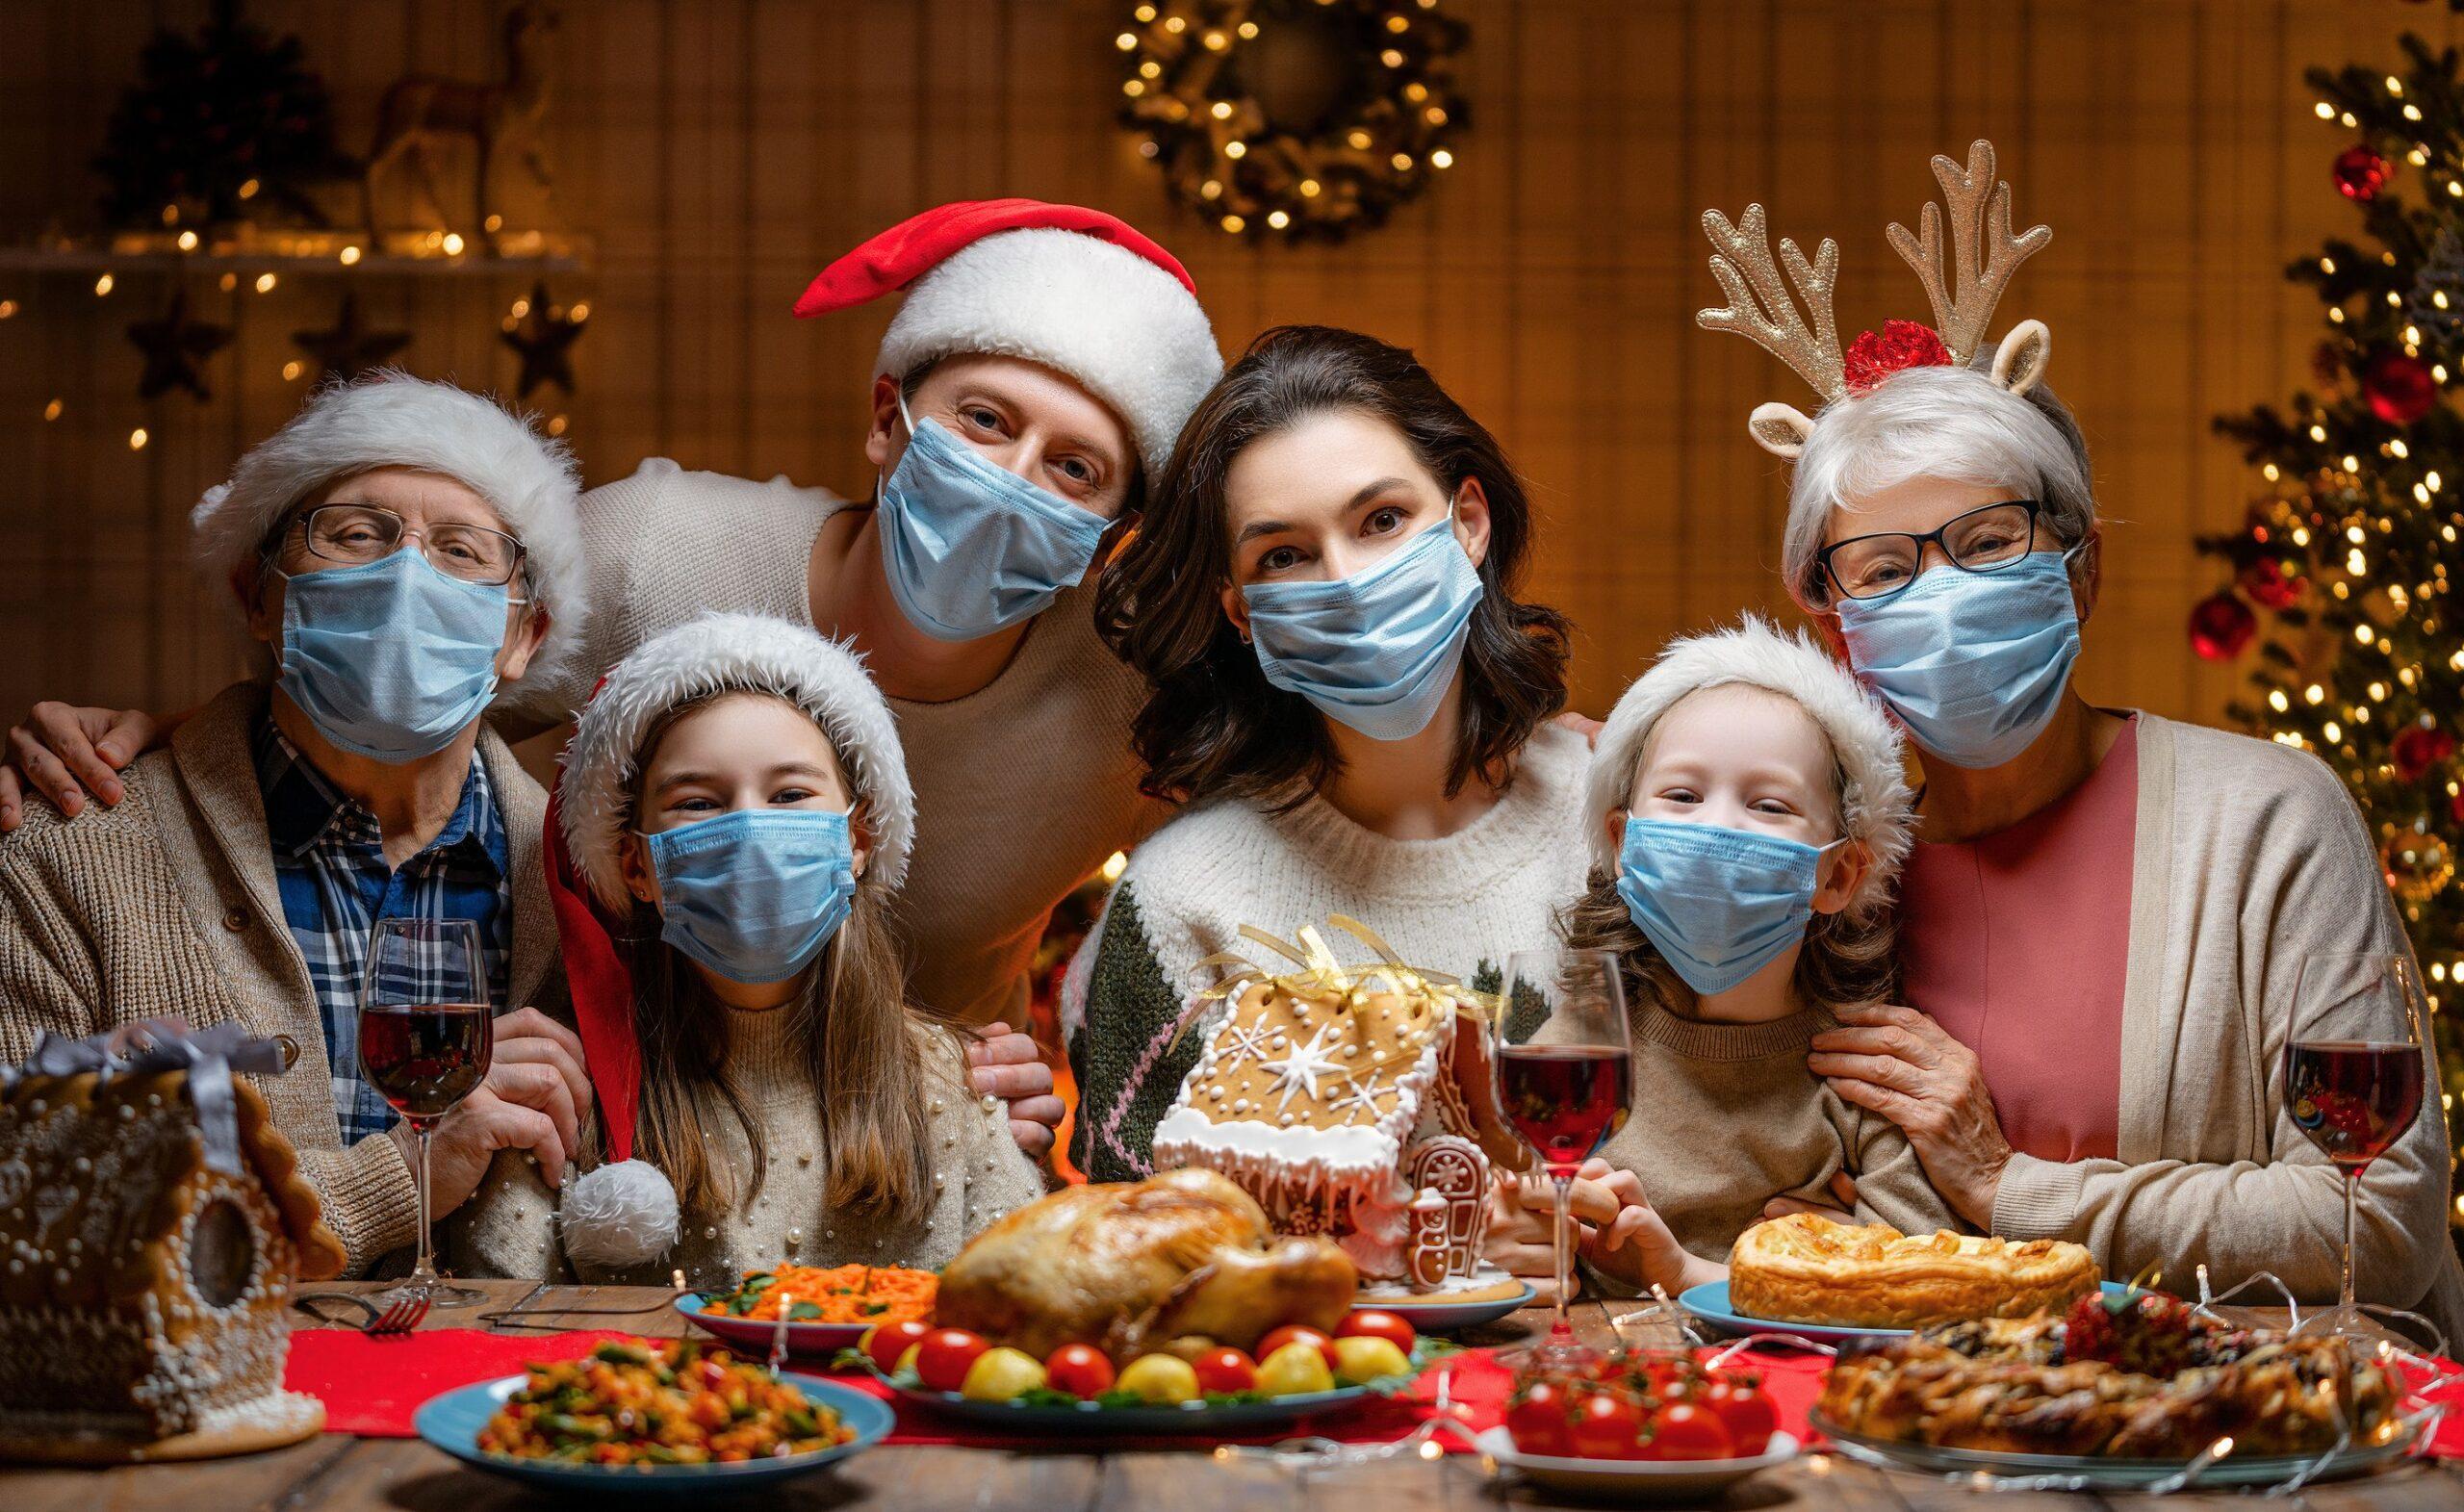 Familia en navidad covid